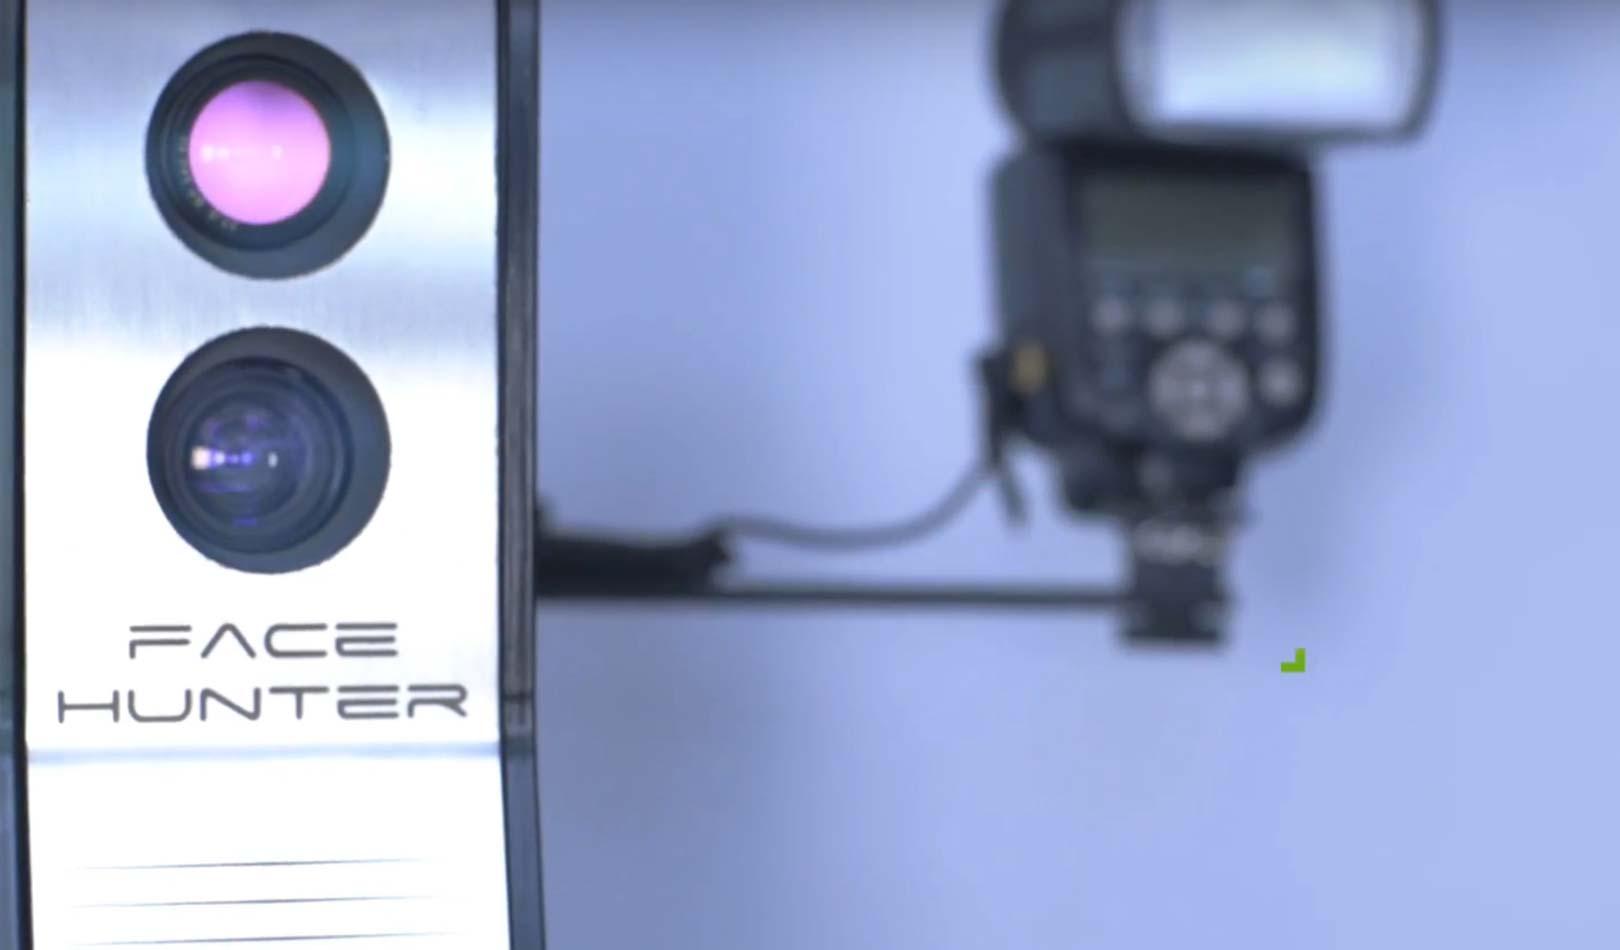 FACE HUNTER – The Zirkonzahn 3D Facial Scanner